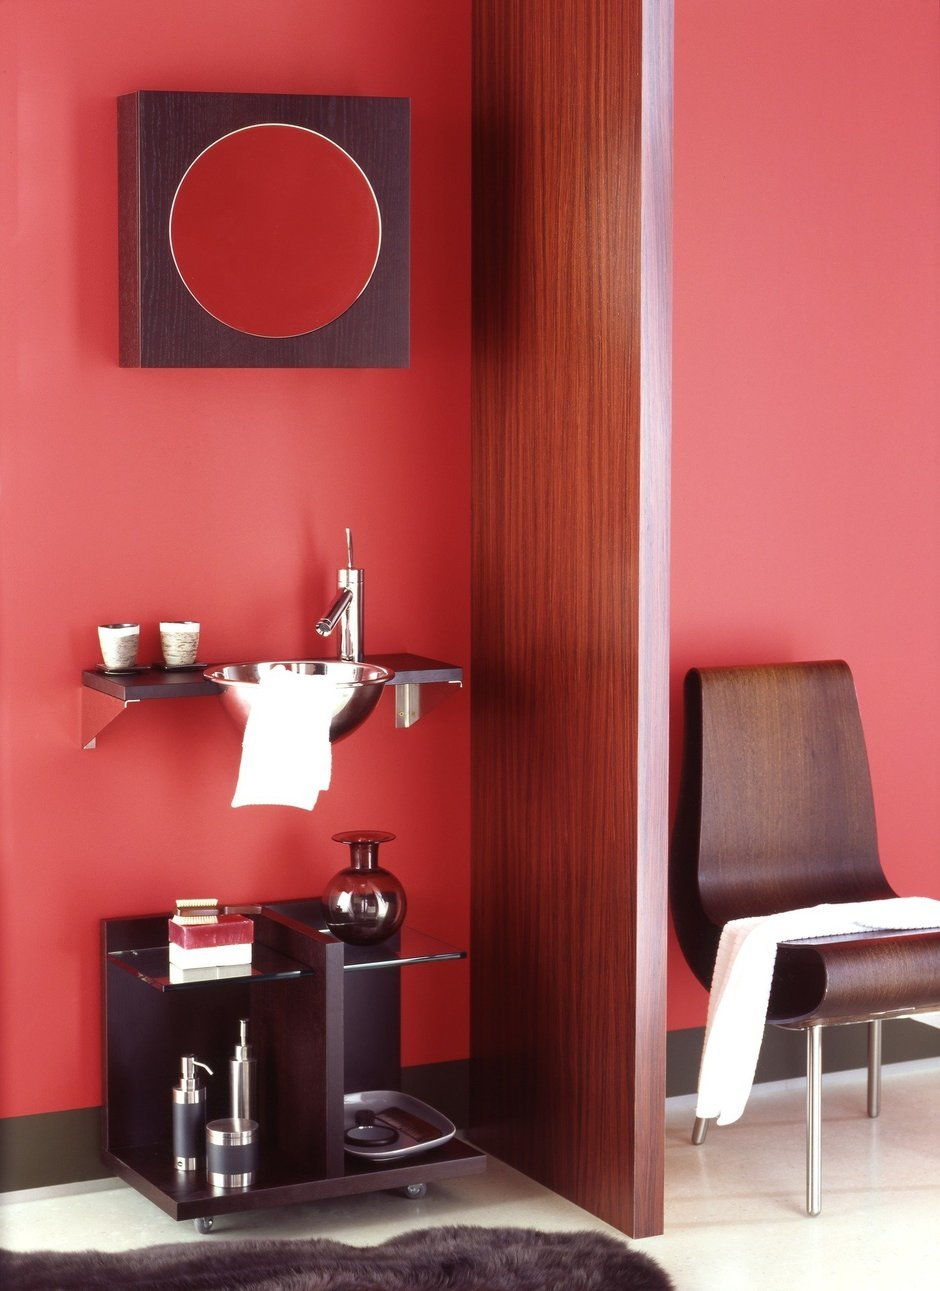 Фотография: Ванная в стиле Современный, Декор интерьера, Дизайн интерьера, Цвет в интерьере, Красный – фото на InMyRoom.ru